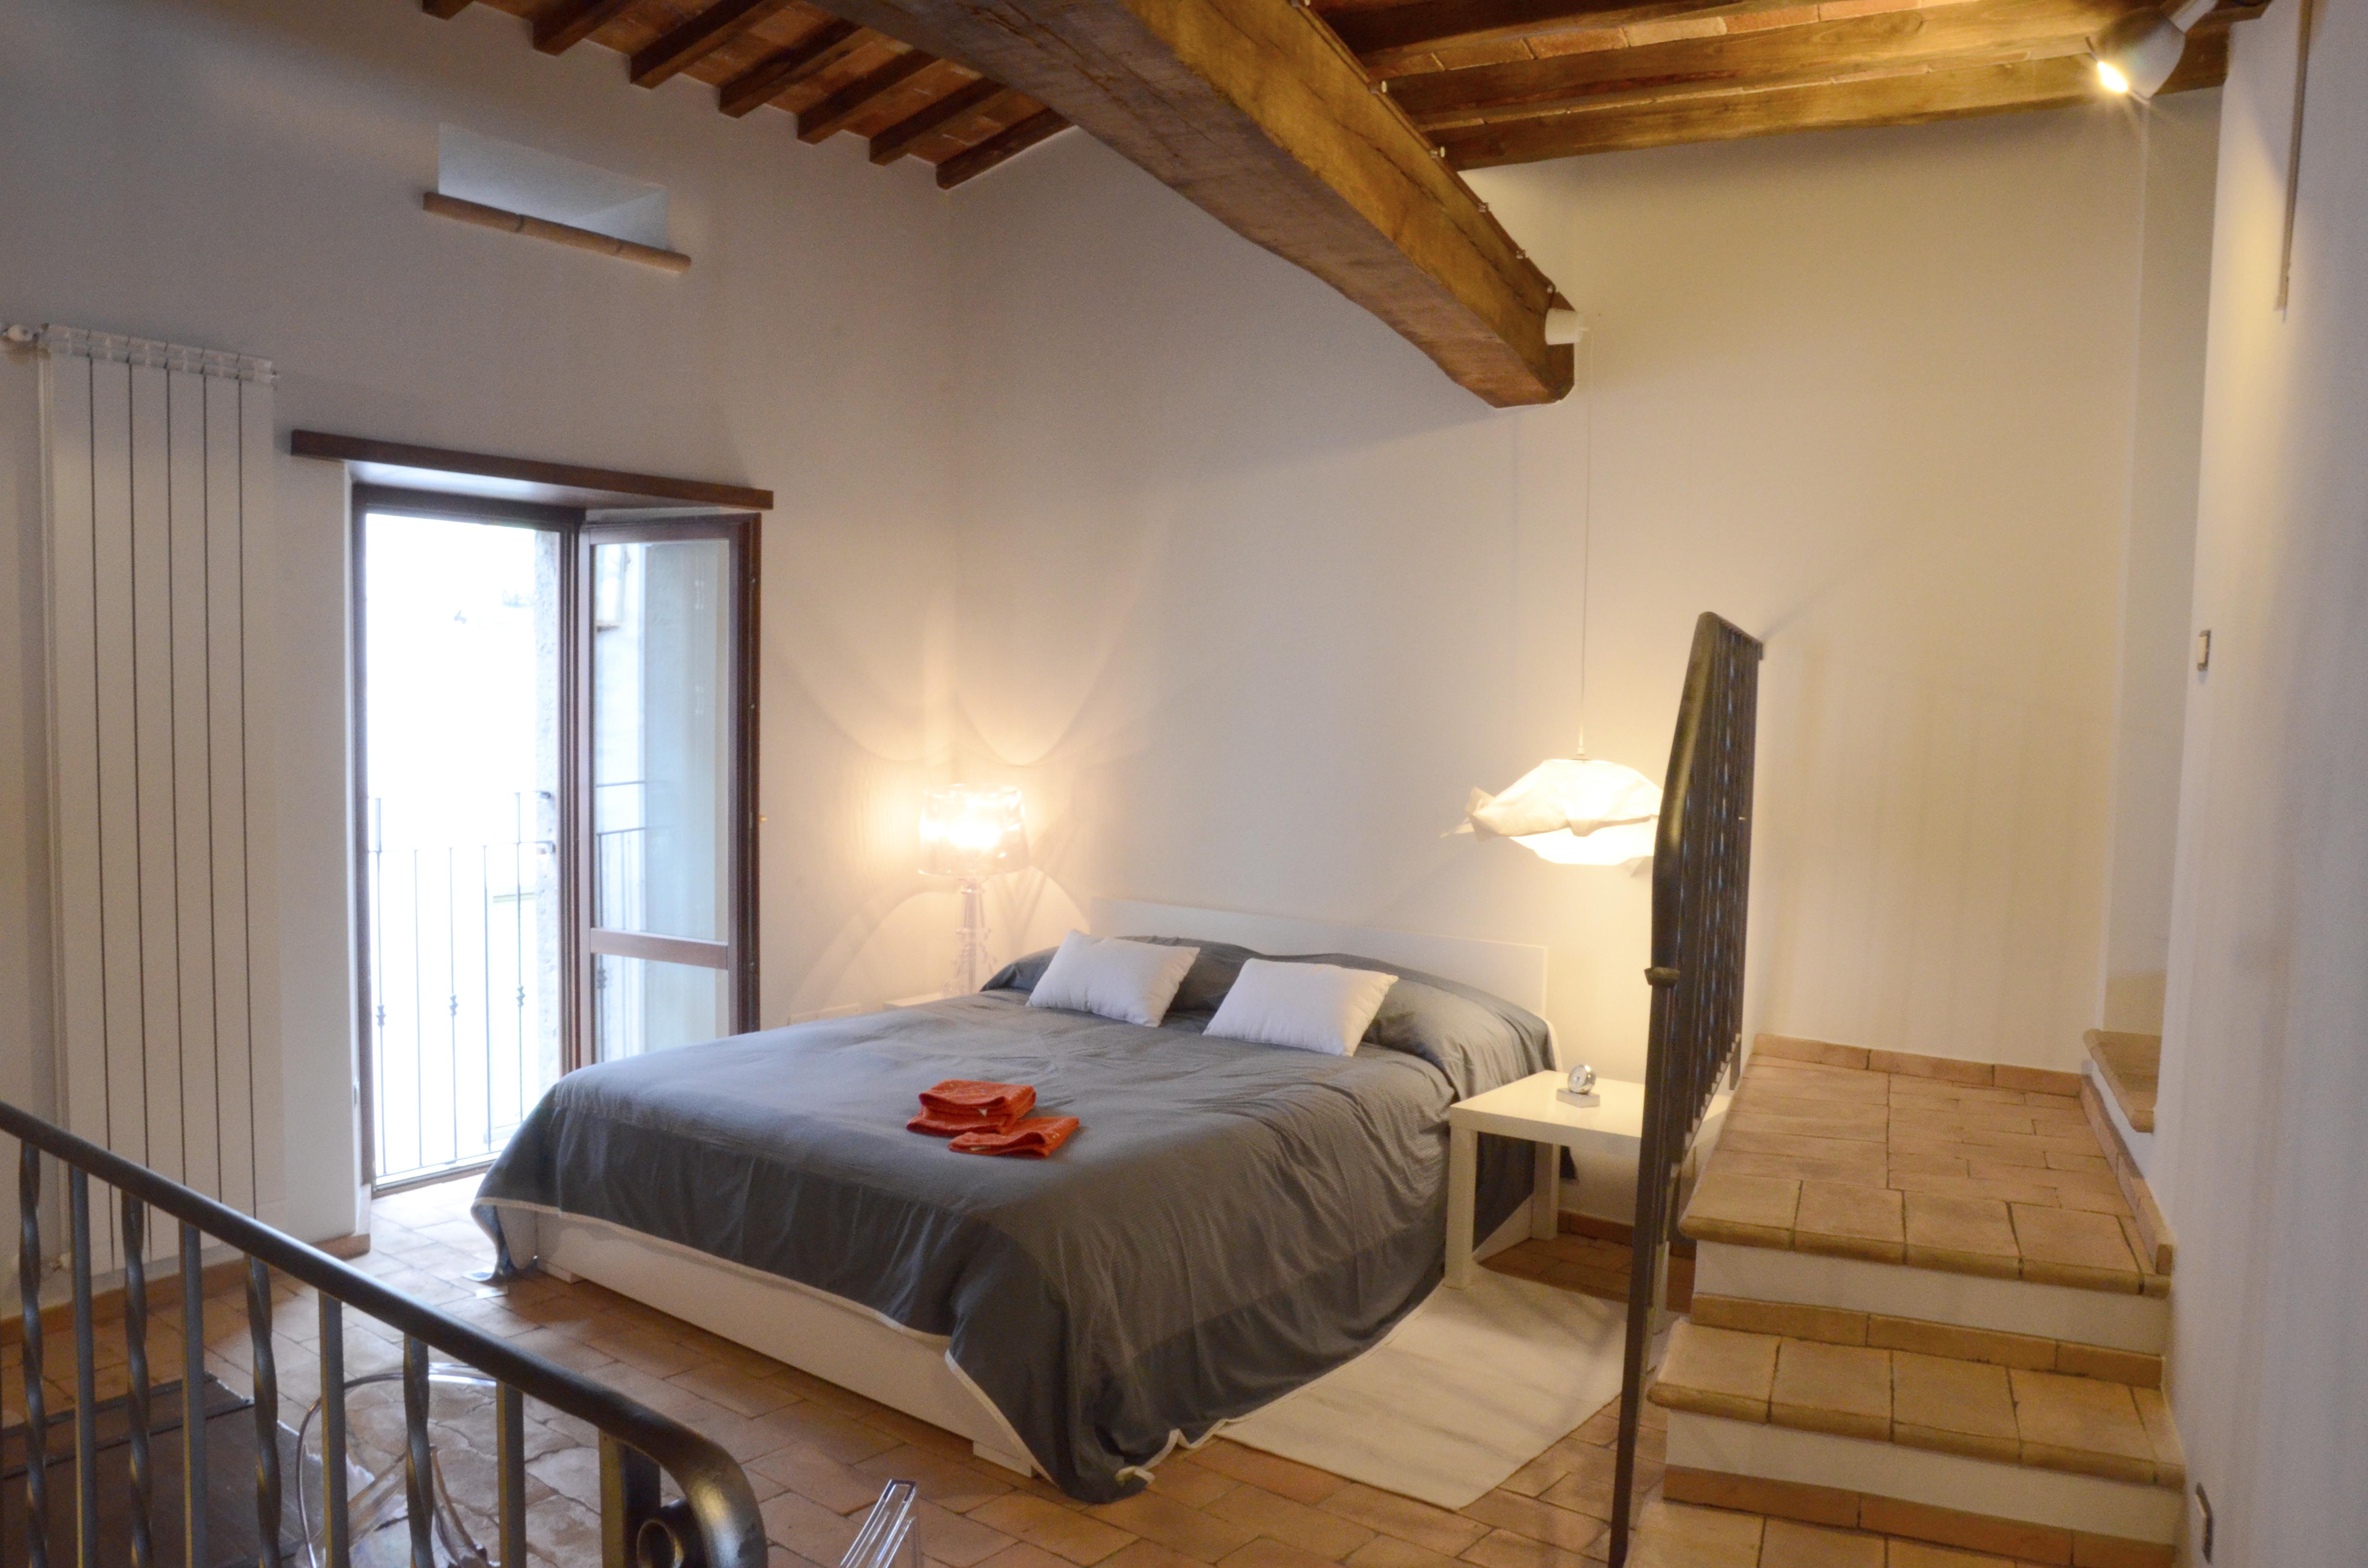 In cerca di ispirazione foto di interni con pavimenti in cotto fatto a mano - Pavimento camera da letto ...